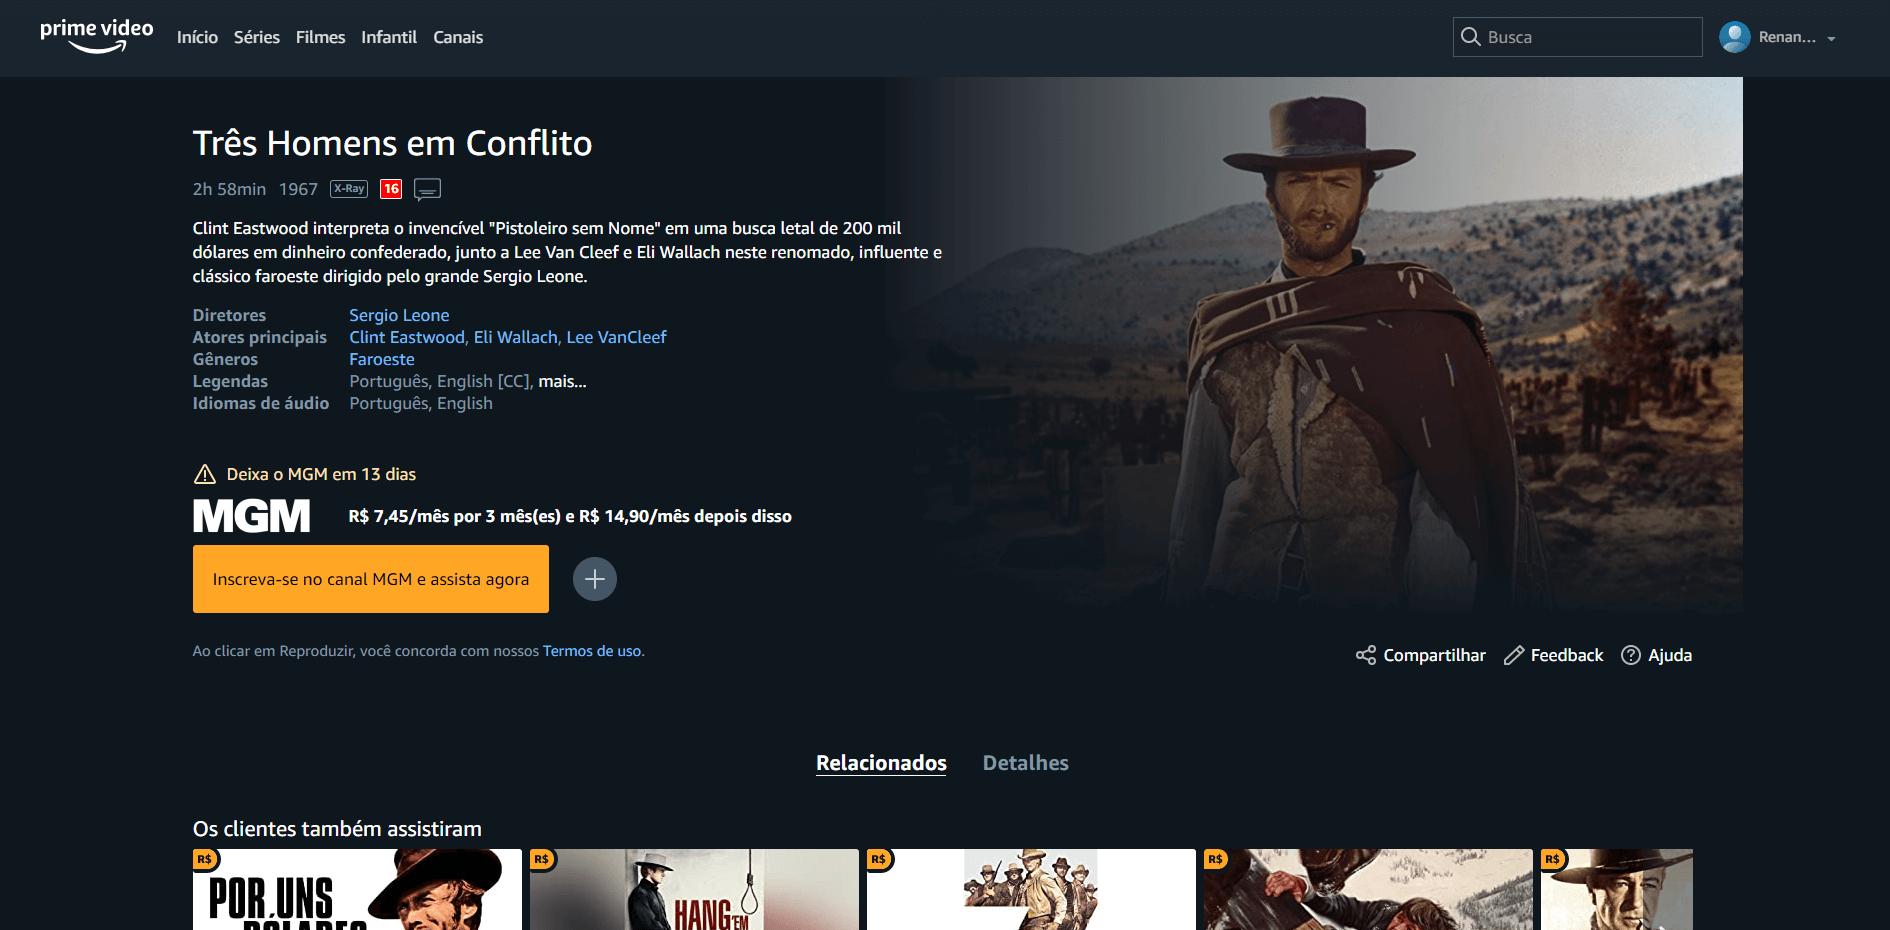 Todos os conteúdos do canal MGM do Prime Video estão com data para saírem do catálogo da plataforma (Imagem: reprodução / Amazon)